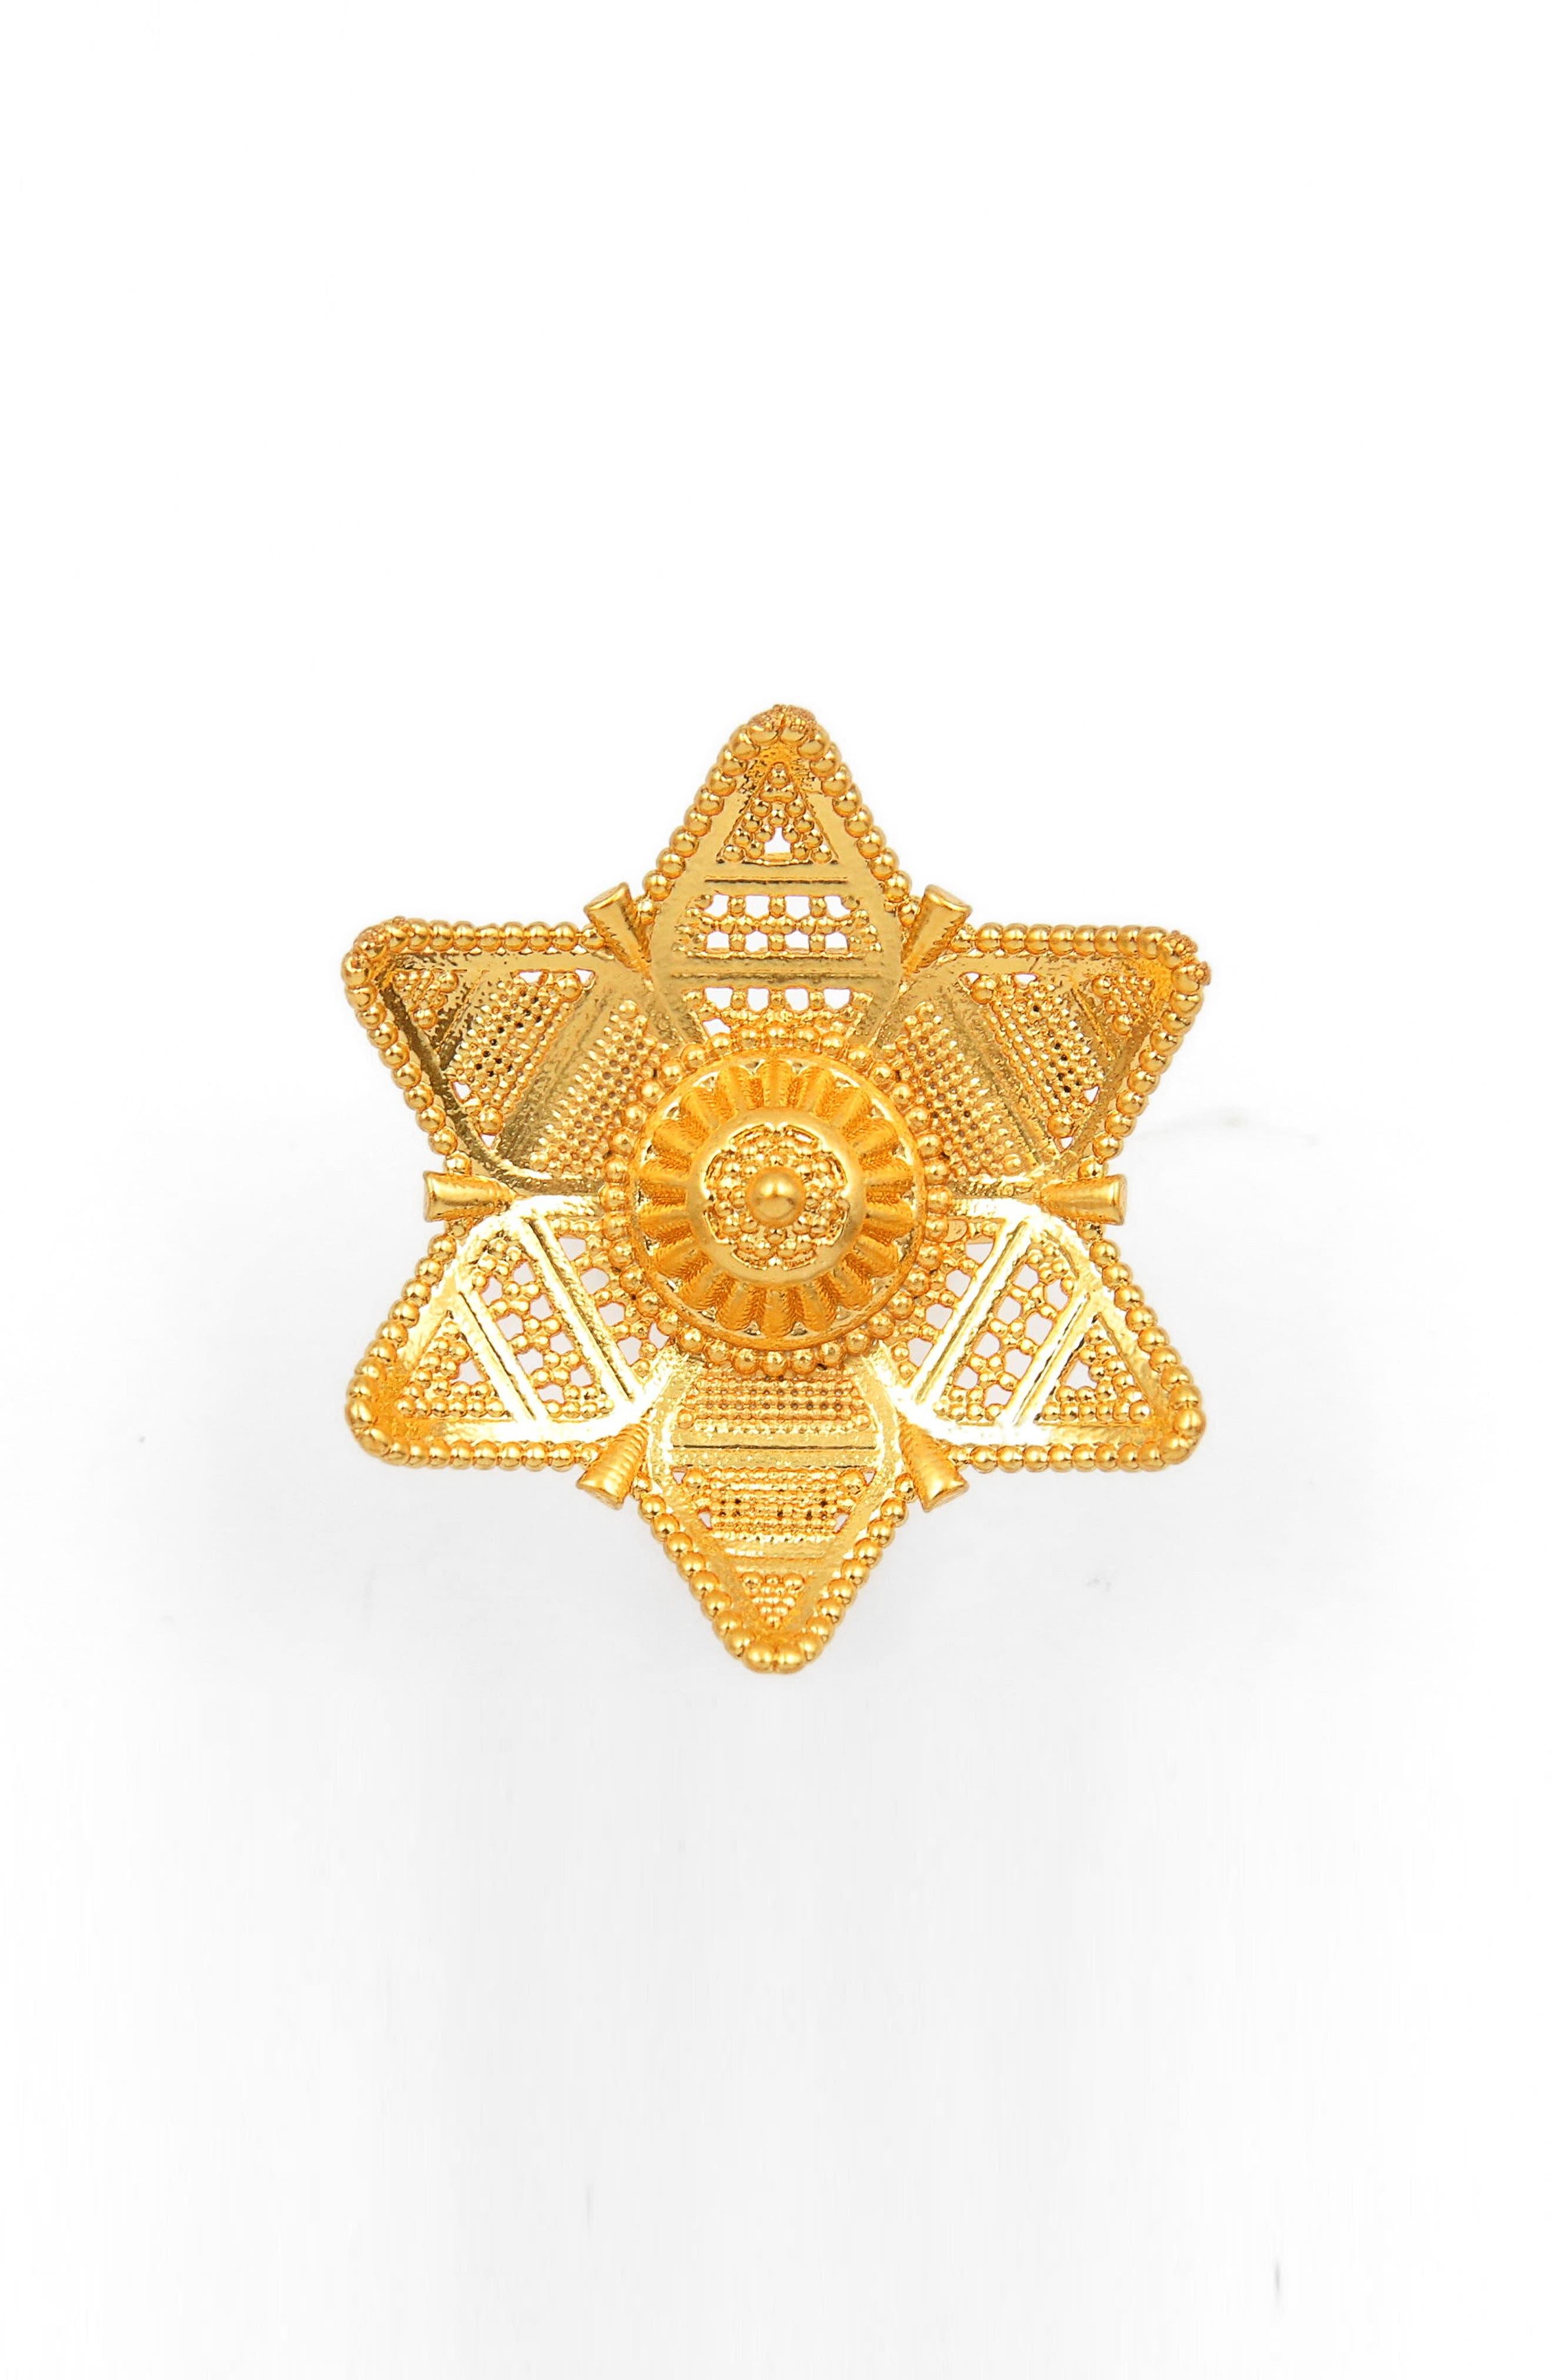 Main Image - Asa Kaftans Six-Point Filigree Star Ring